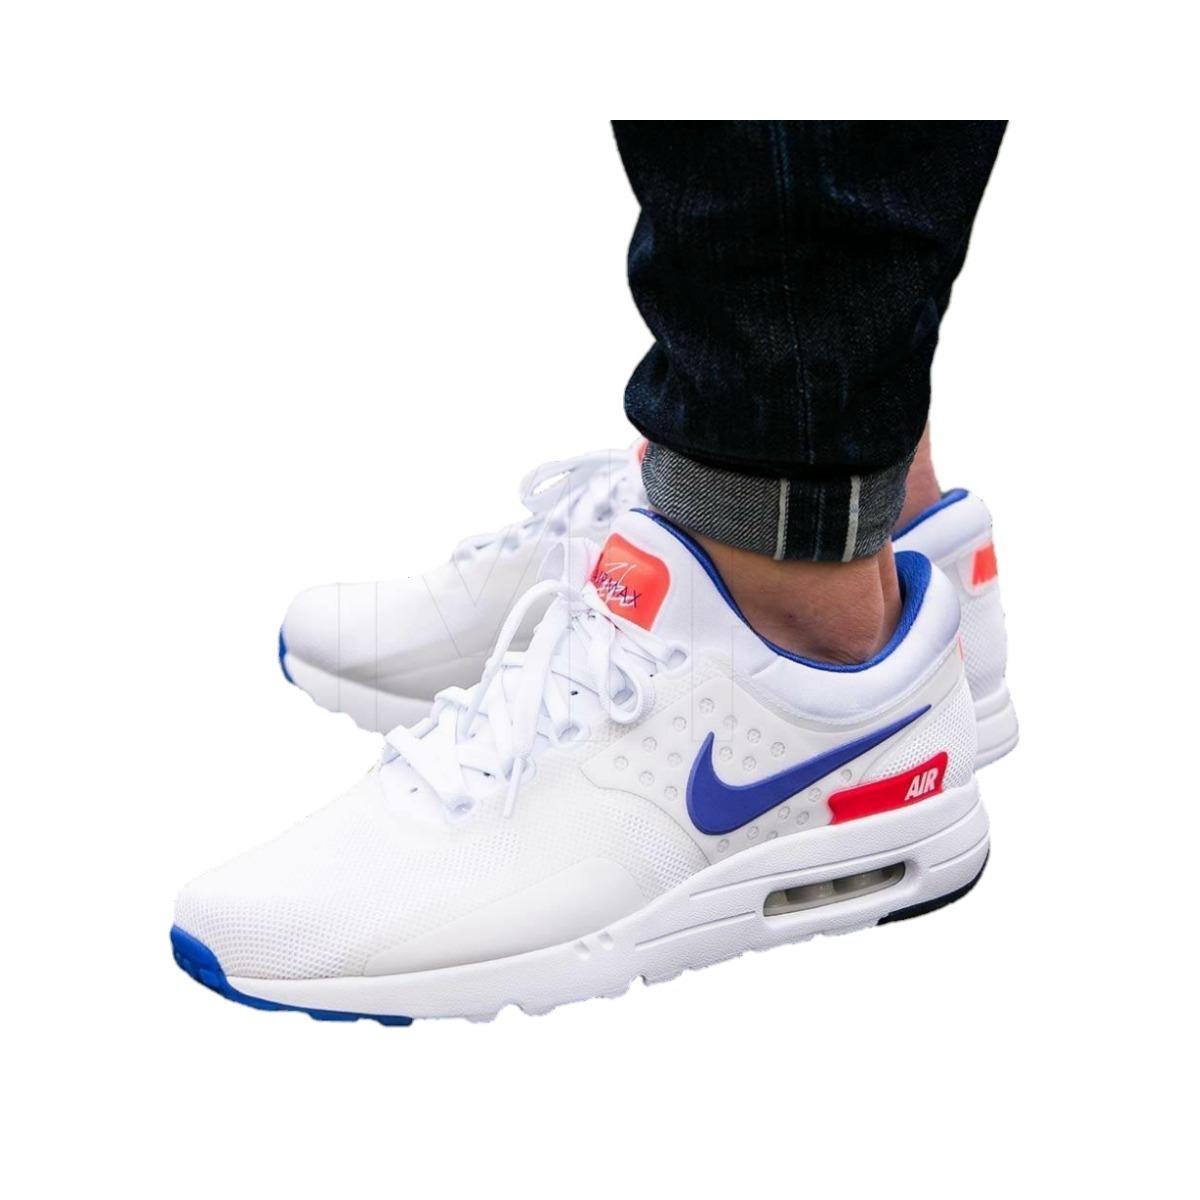 06660be9319 ... new style zapatillas nike air max zero qs ultramarine hombre y mujer. cargando  zoom.